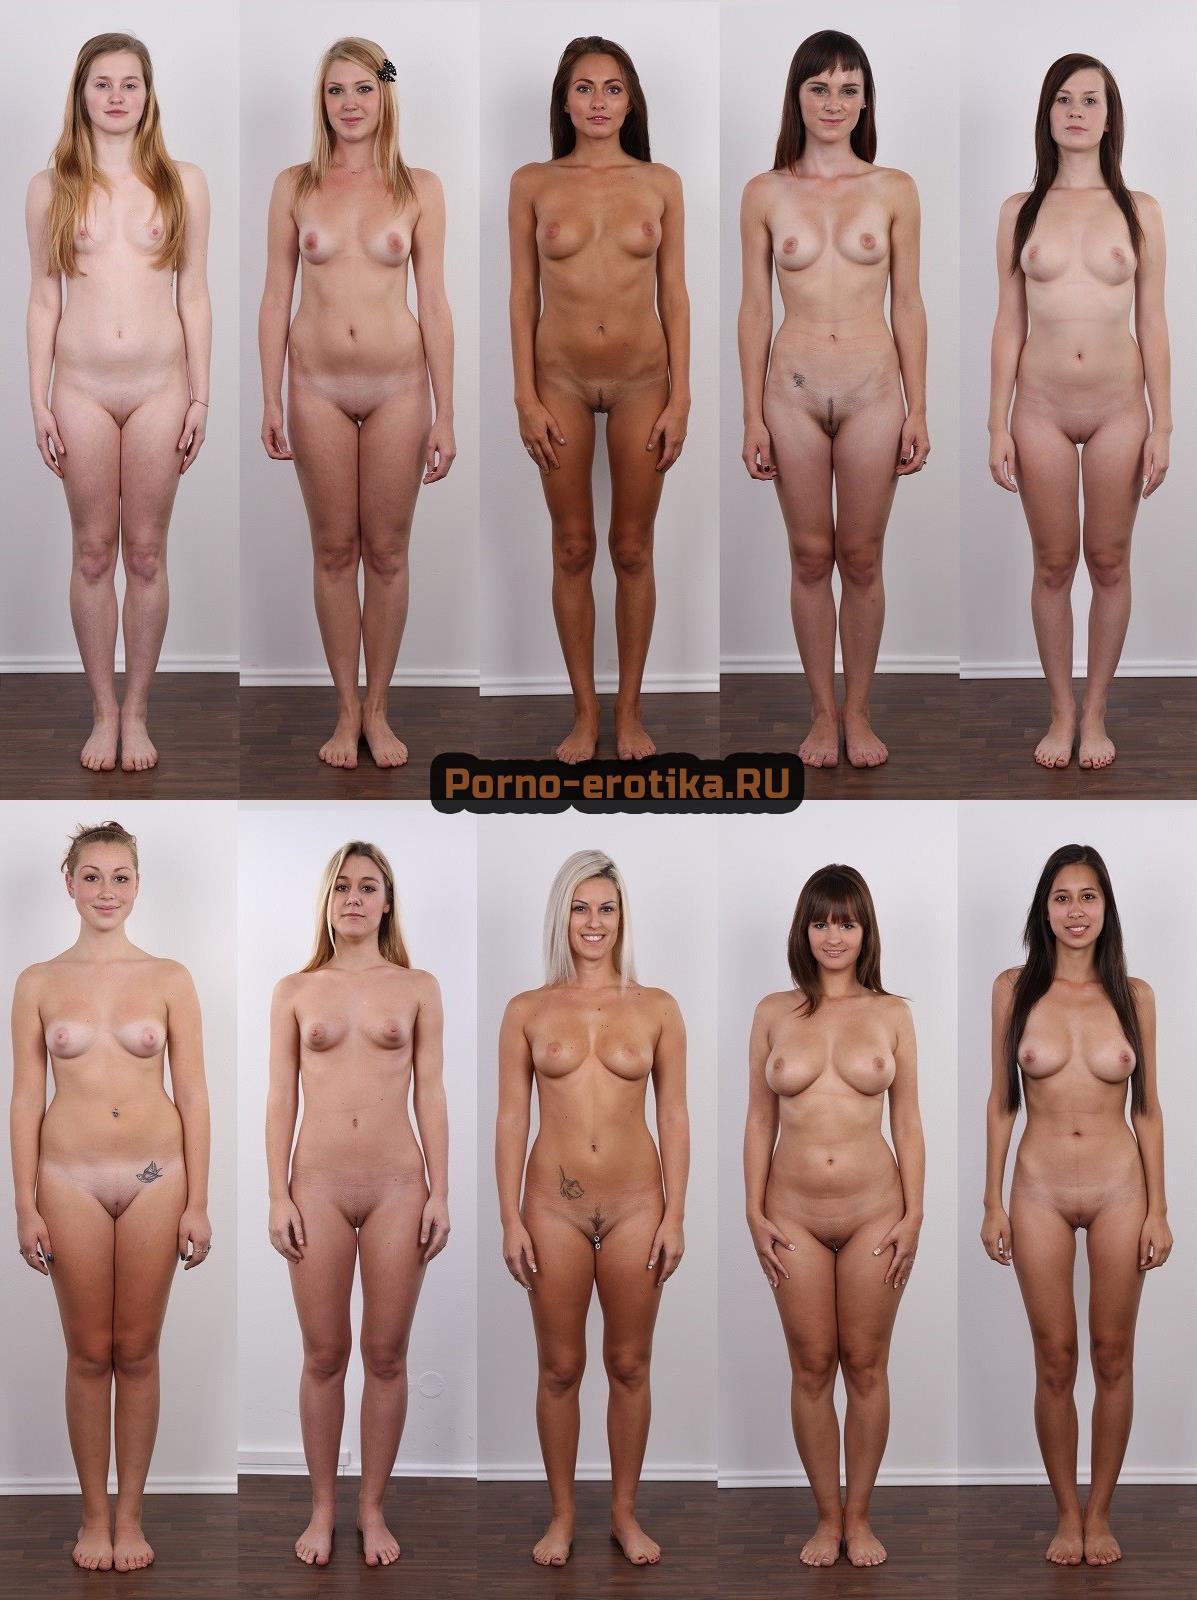 галерея фото известных порно актрис